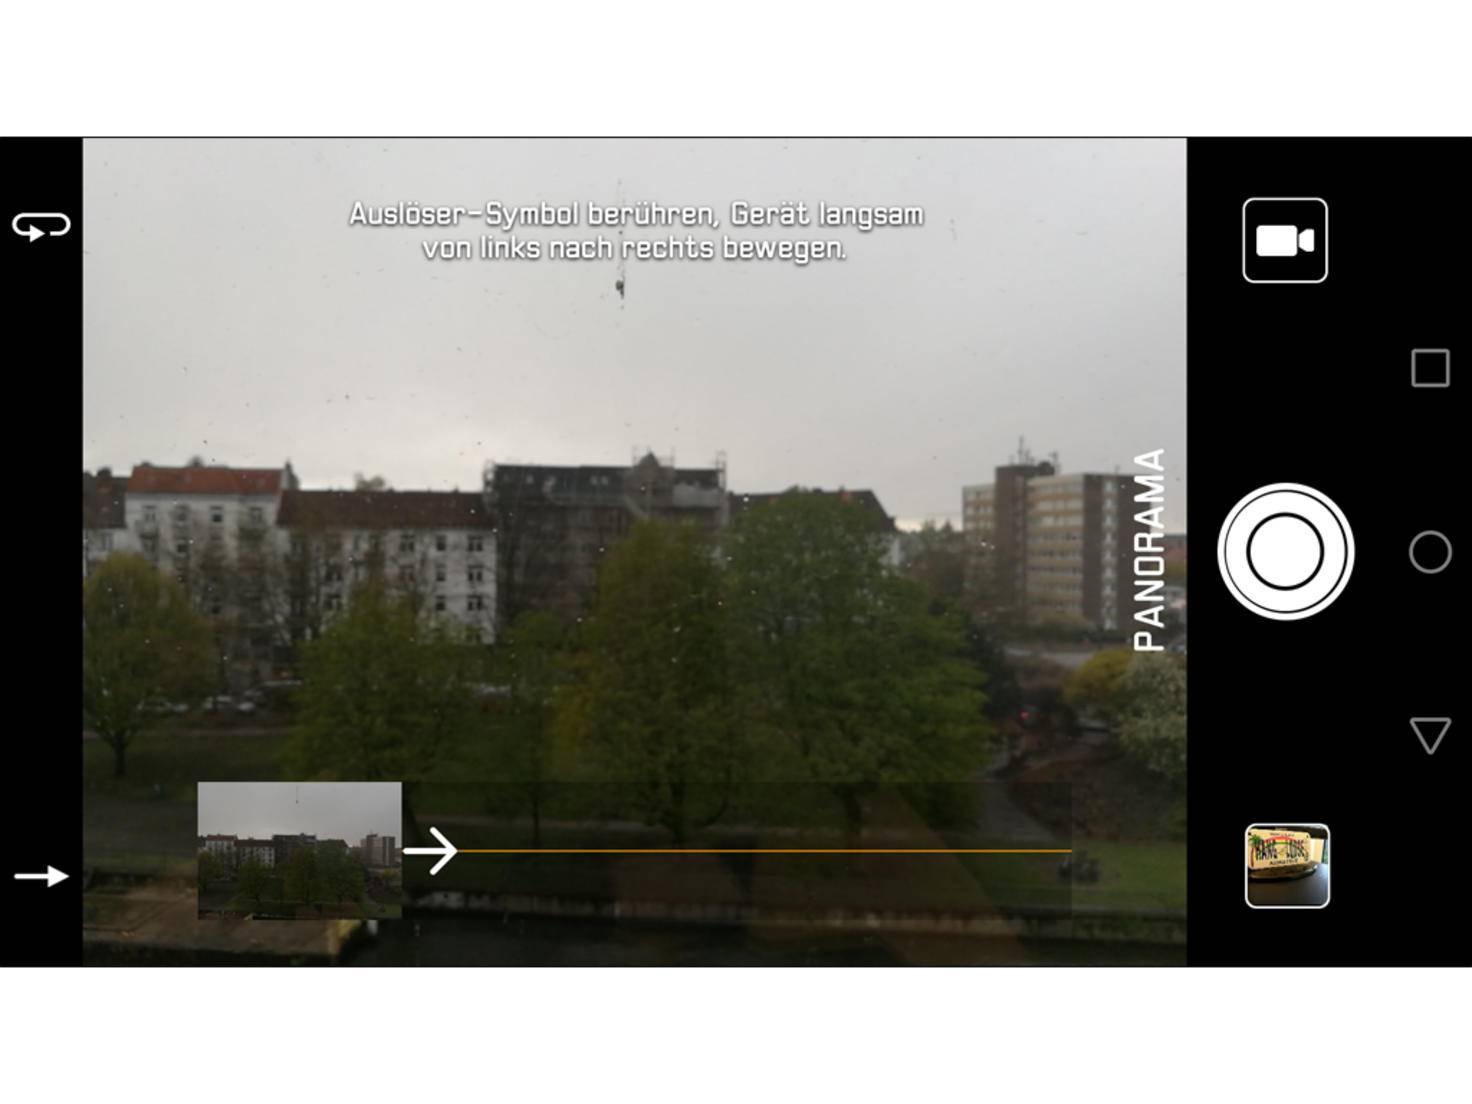 Huawei P9 Screenshot 18